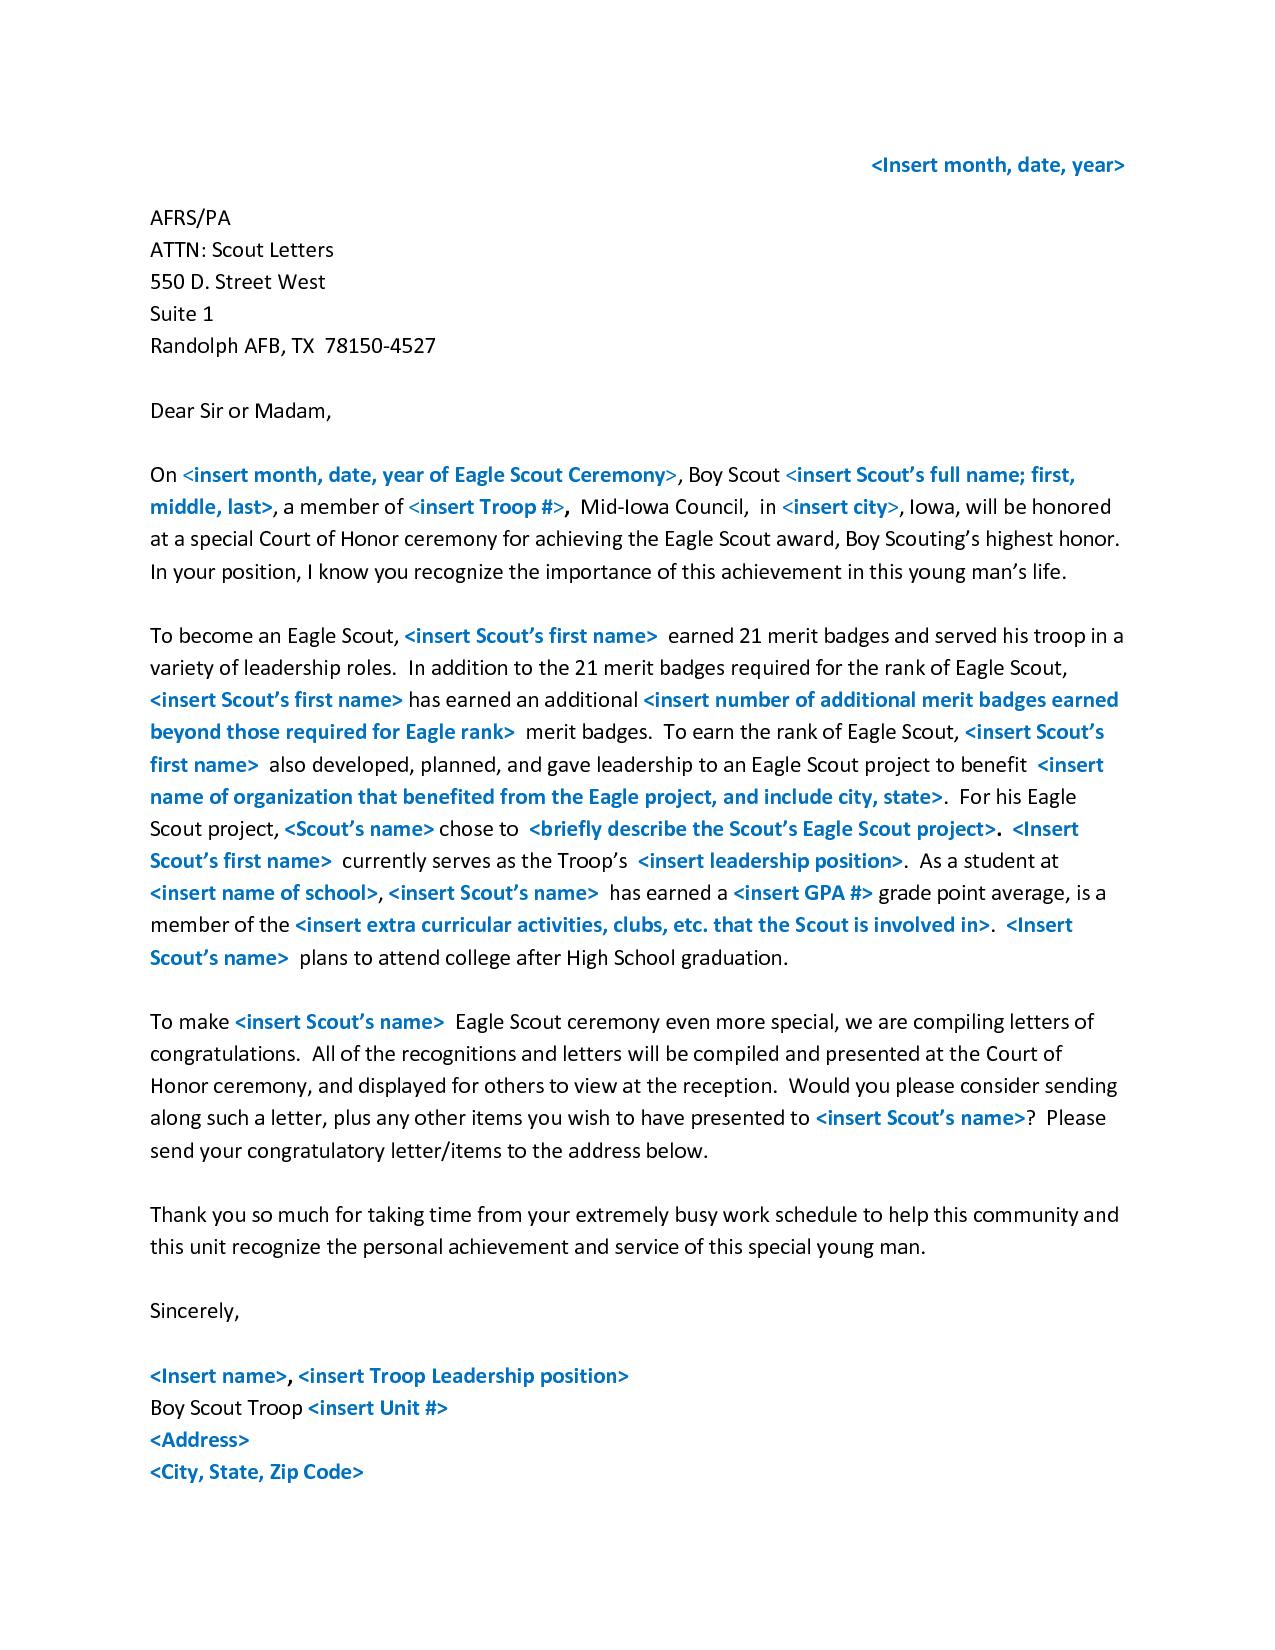 Fsbo Letter Template - Sample Eagle Re Mendation Letter Acurnamedia